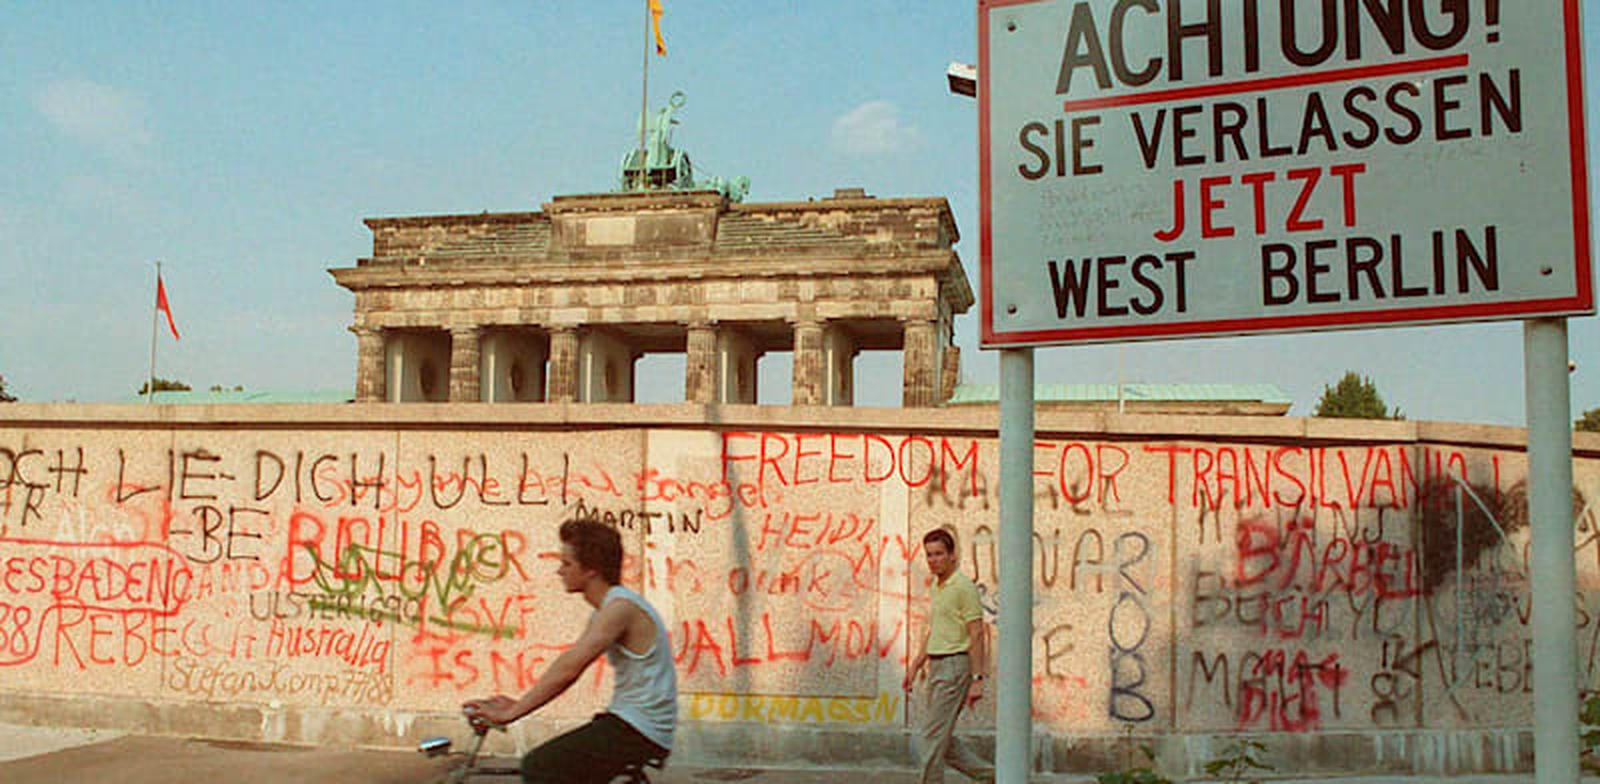 חומת ברלין, 1988. העיר עדיין מחולקת בתודעה הציבורית / צילום: AP